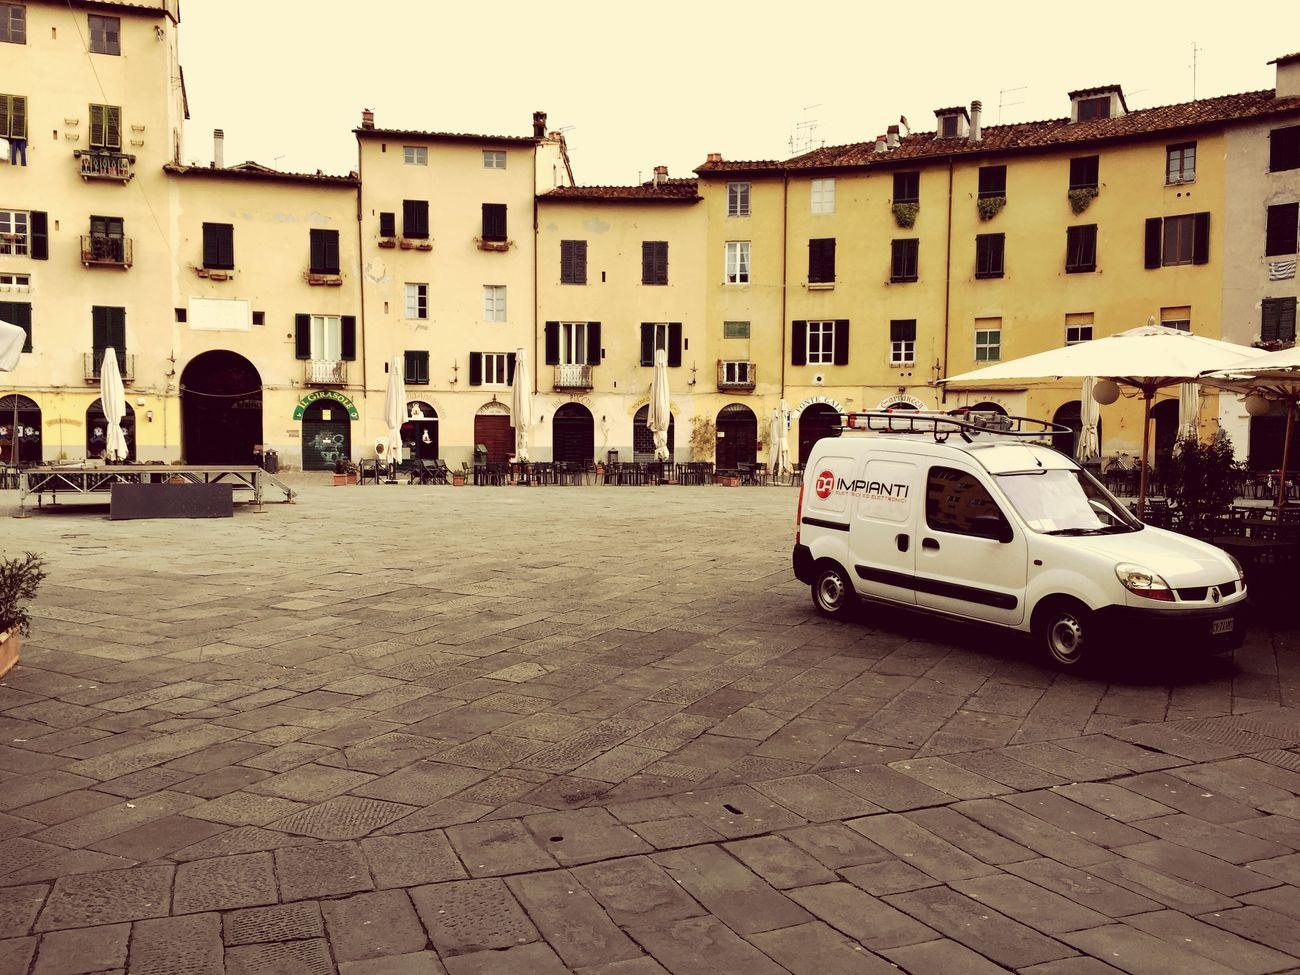 Il nostro furgoncino a piazza Anfiteatro Lucca DA Impianti Elettrici Elettricista Lucca Pronto Intervento Elettricita' Elettricitta'